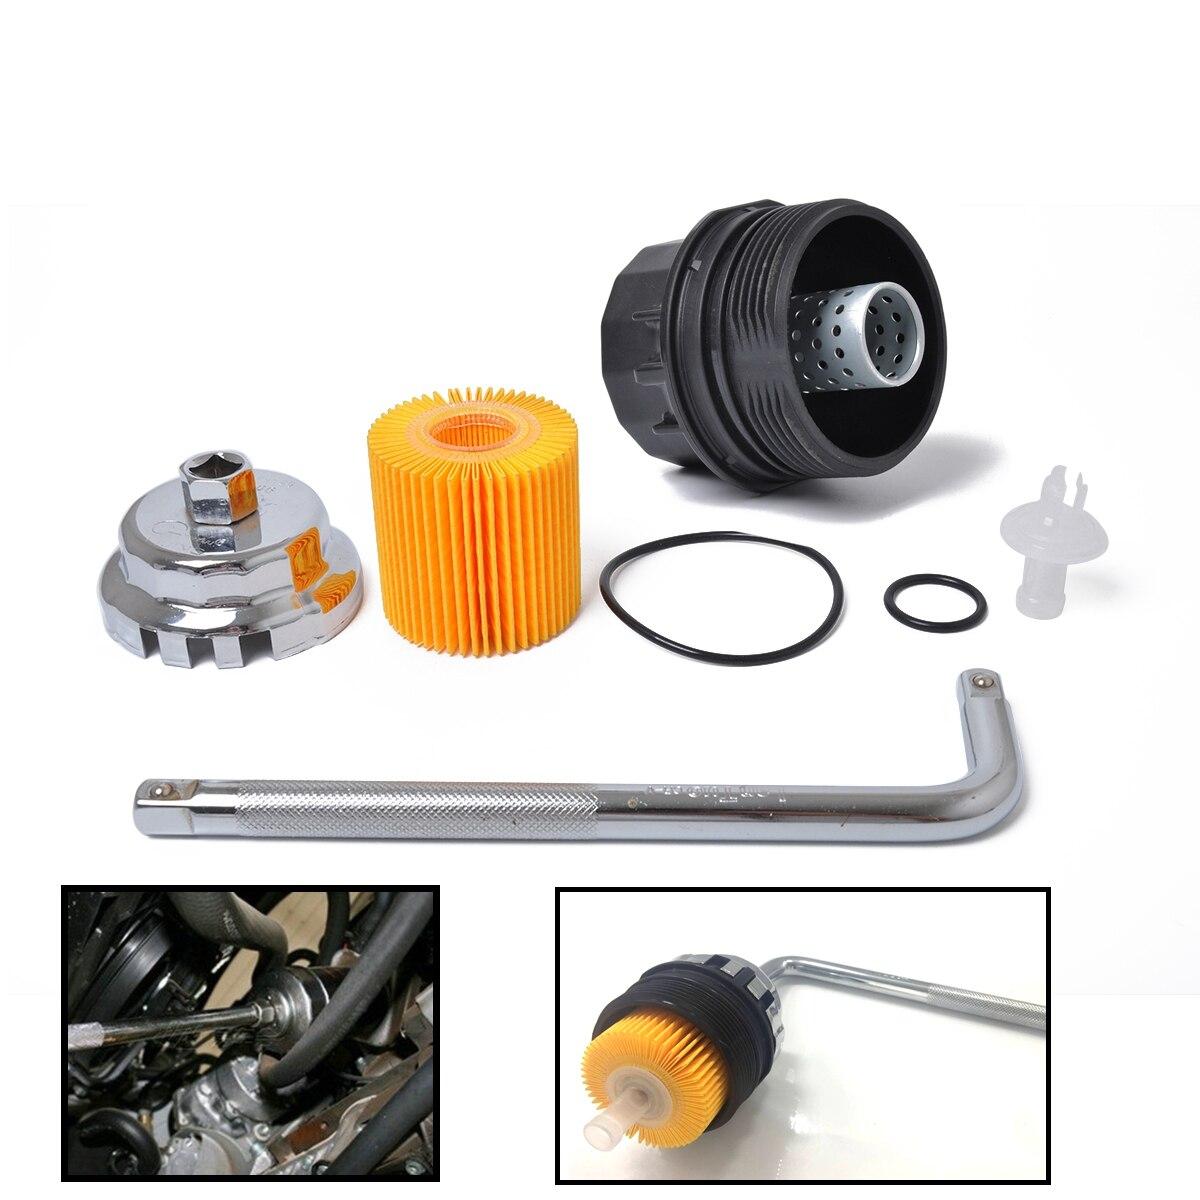 Universal Oil Filter Realocação Kit Adaptador de Montagem do Filtro de Óleo Com Capa & Cap Tipo Chave Grade Óleo Filtro Para Toyota corolla